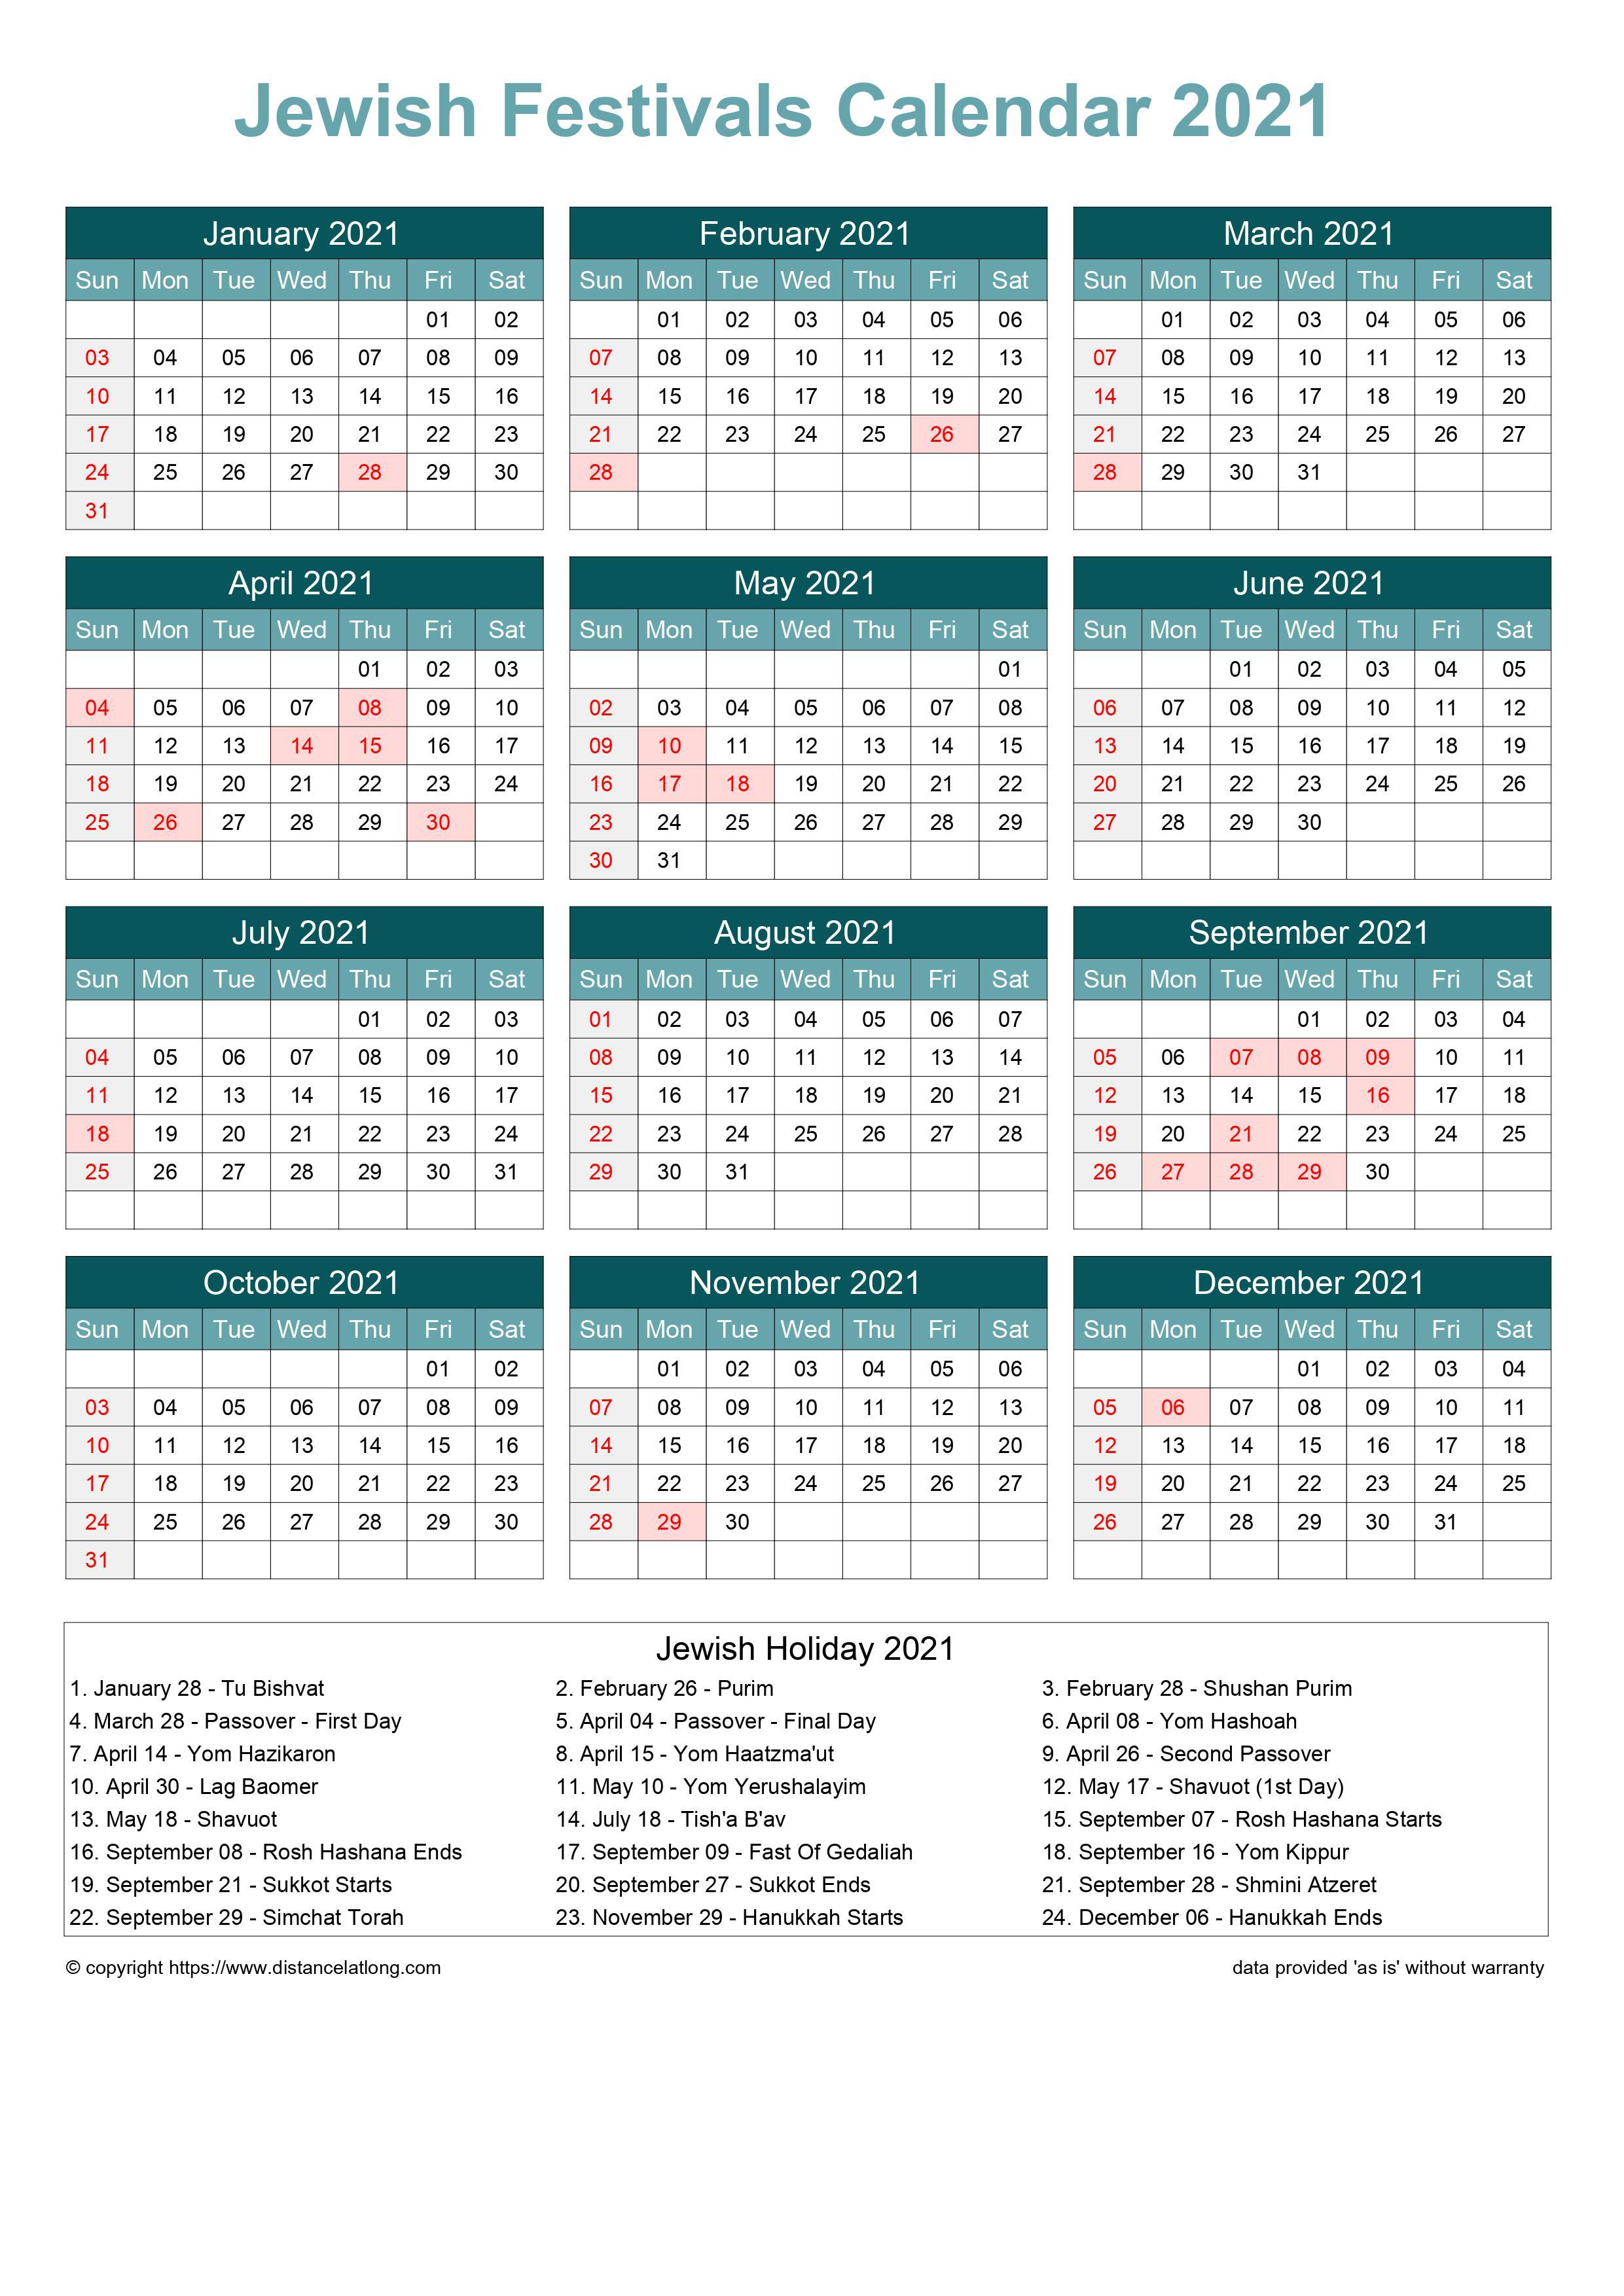 2022 Jewish Holiday Calendar.Jewish Holiday Calendar 2021 Jpg Templates Distancelatlong Com1